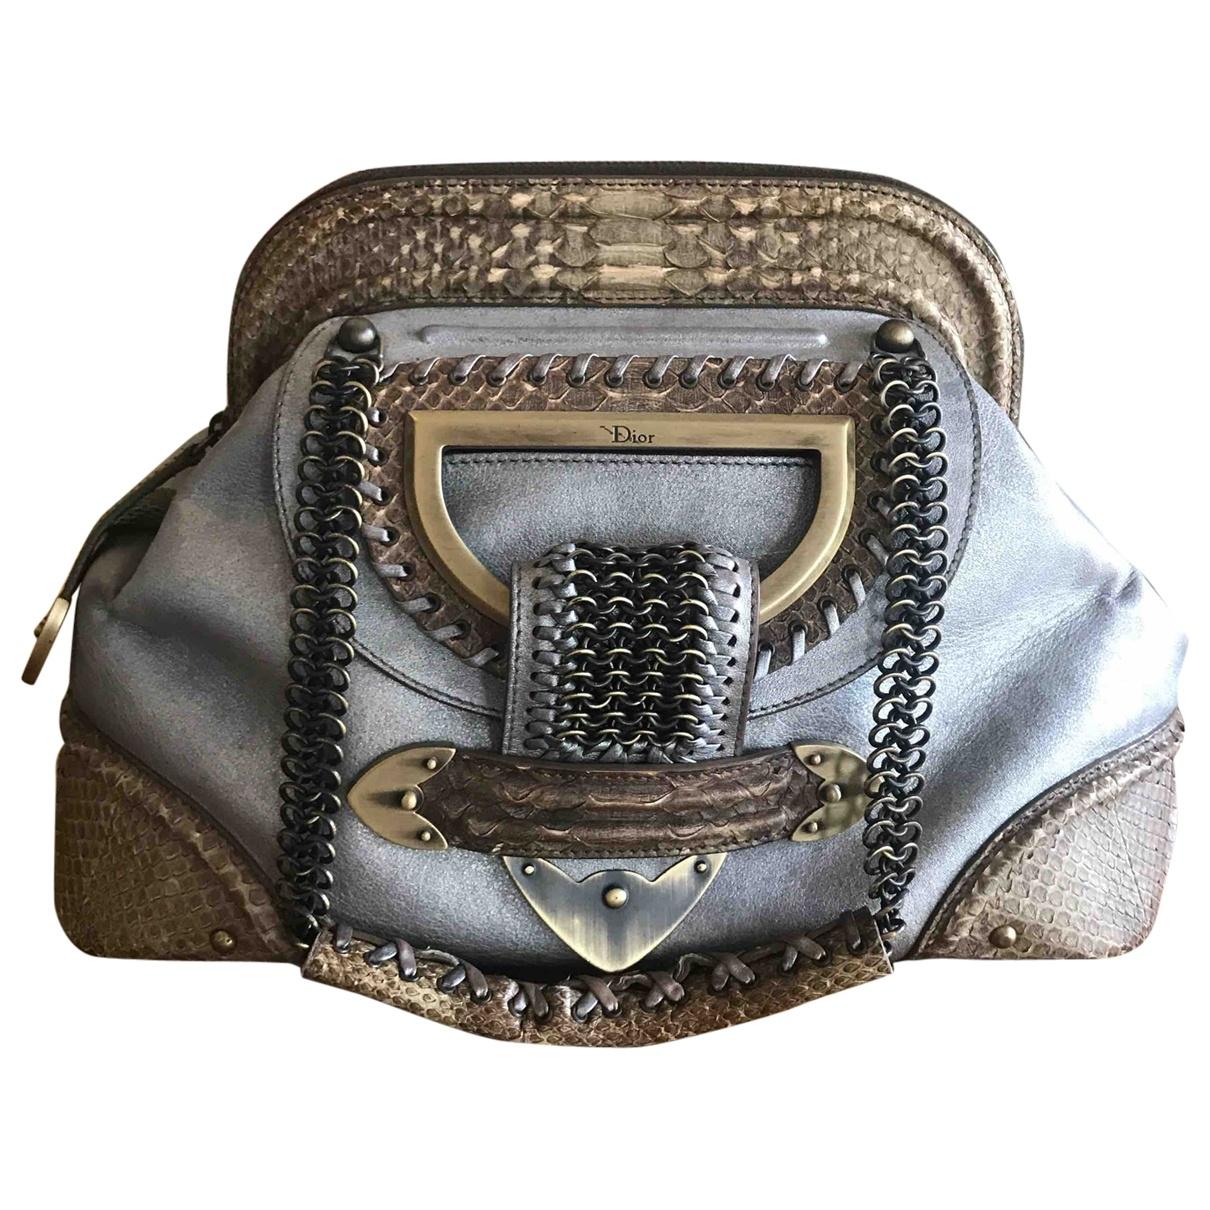 Dior \N Handtasche in  Metallic Python